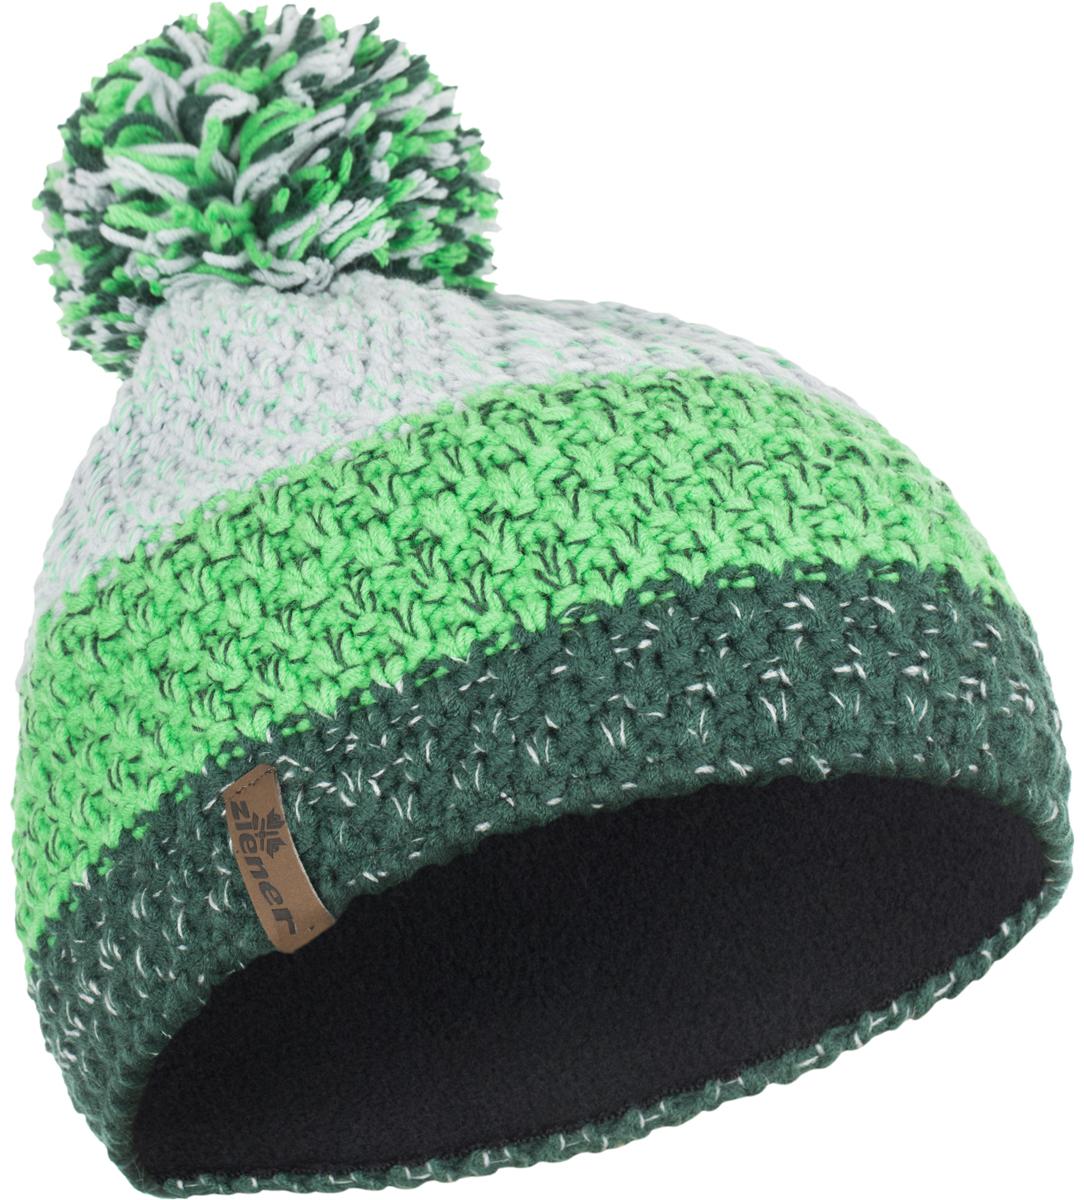 Шапка Ziener Intercontinental Hat, цвет: серый, зеленый. 170053-961. Размер универсальный170053-961Шапка Ziener Intercontinental Hat отлично дополнит ваш образ в холодную погоду. Модель изготовлена из акриловой пряжи, что максимально сохраняет тепло и обеспечивает удобную посадку. Шапка оформлена помпоном.